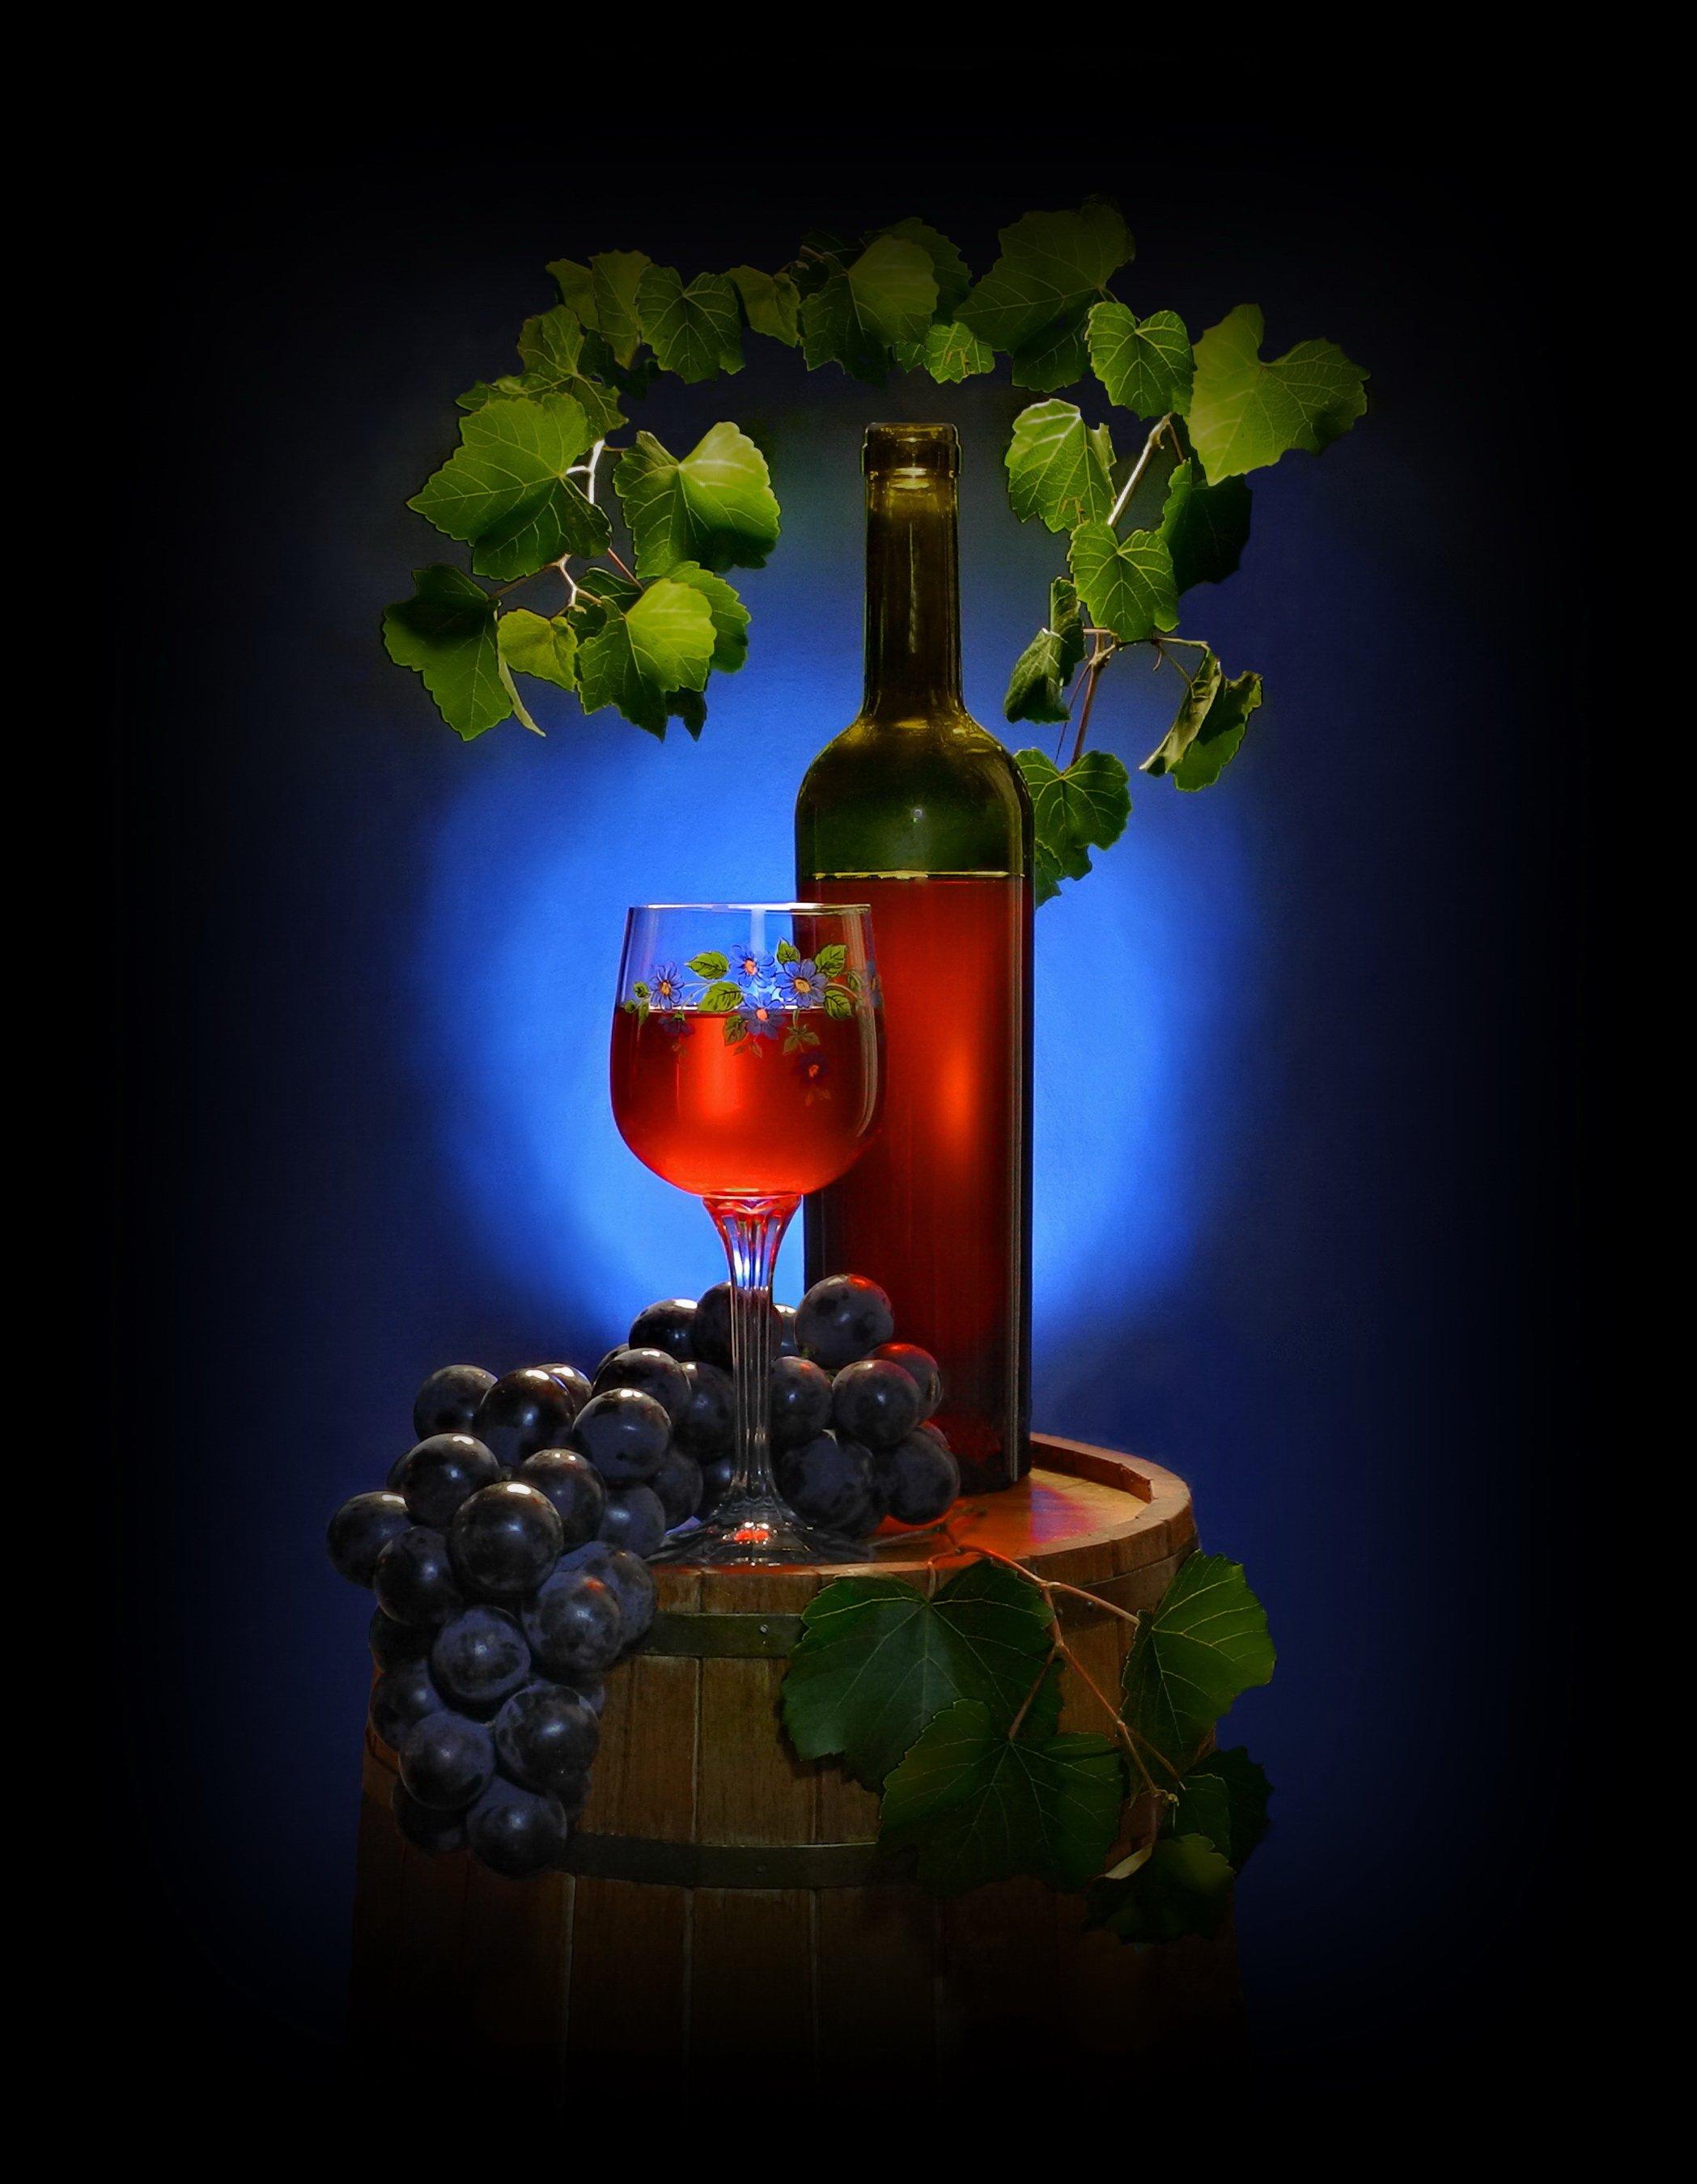 Натюрморты! Вино и мудрость в винном напитке!